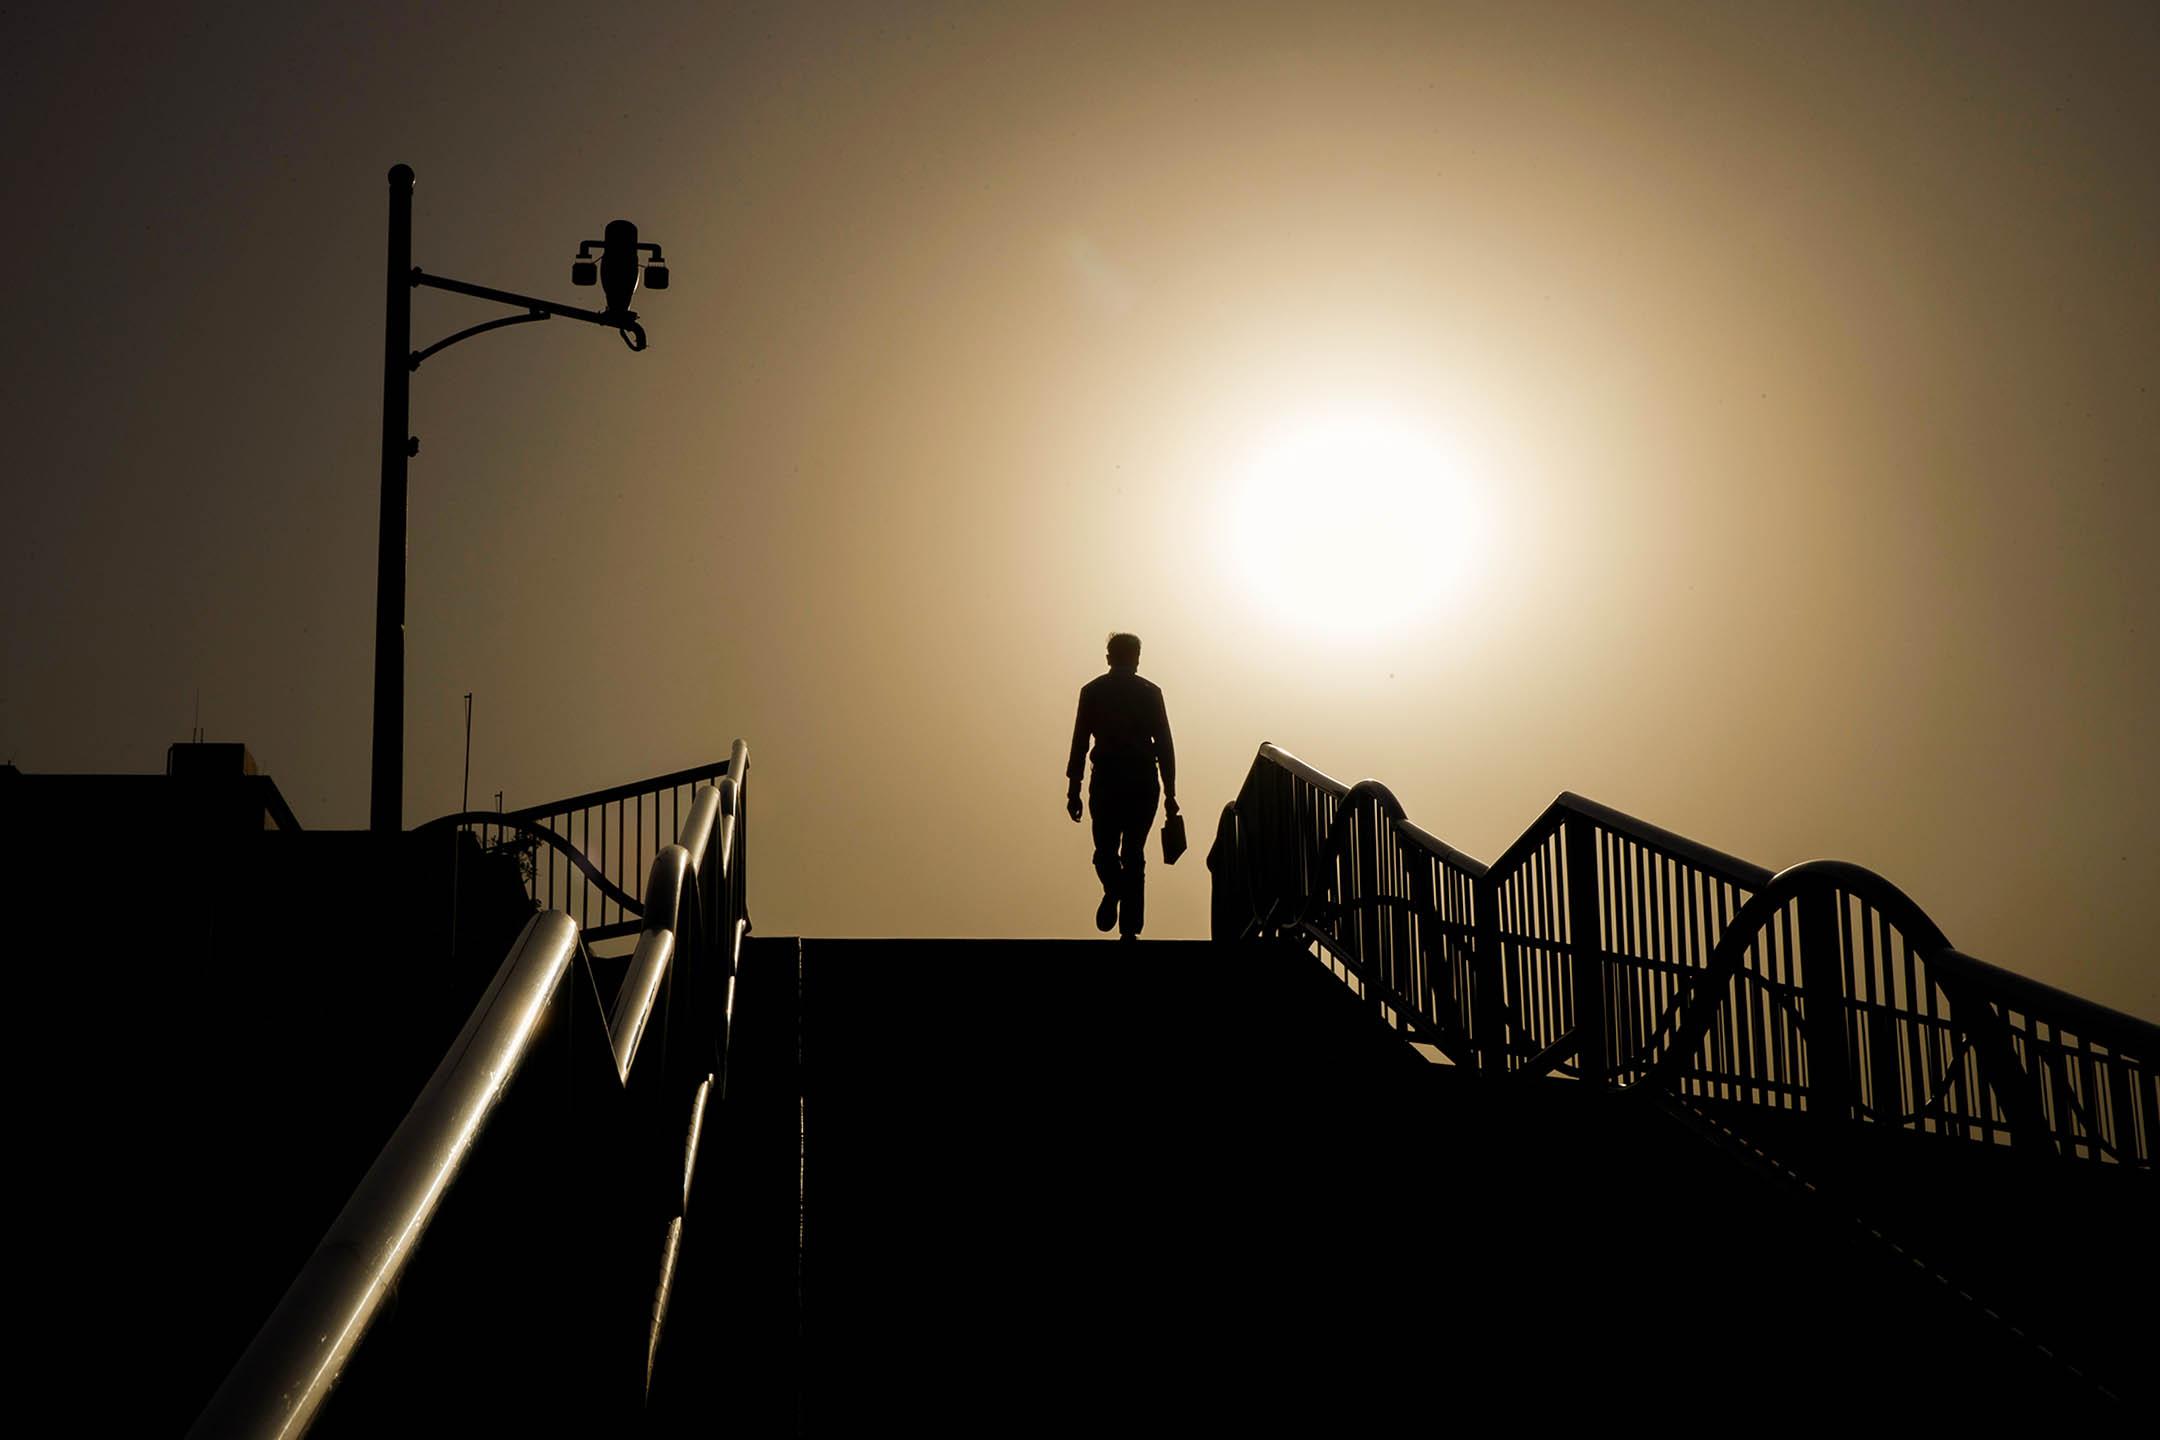 2020年5月12日中國北京,一名男子走過有閉路電視攝像機的行人天橋。